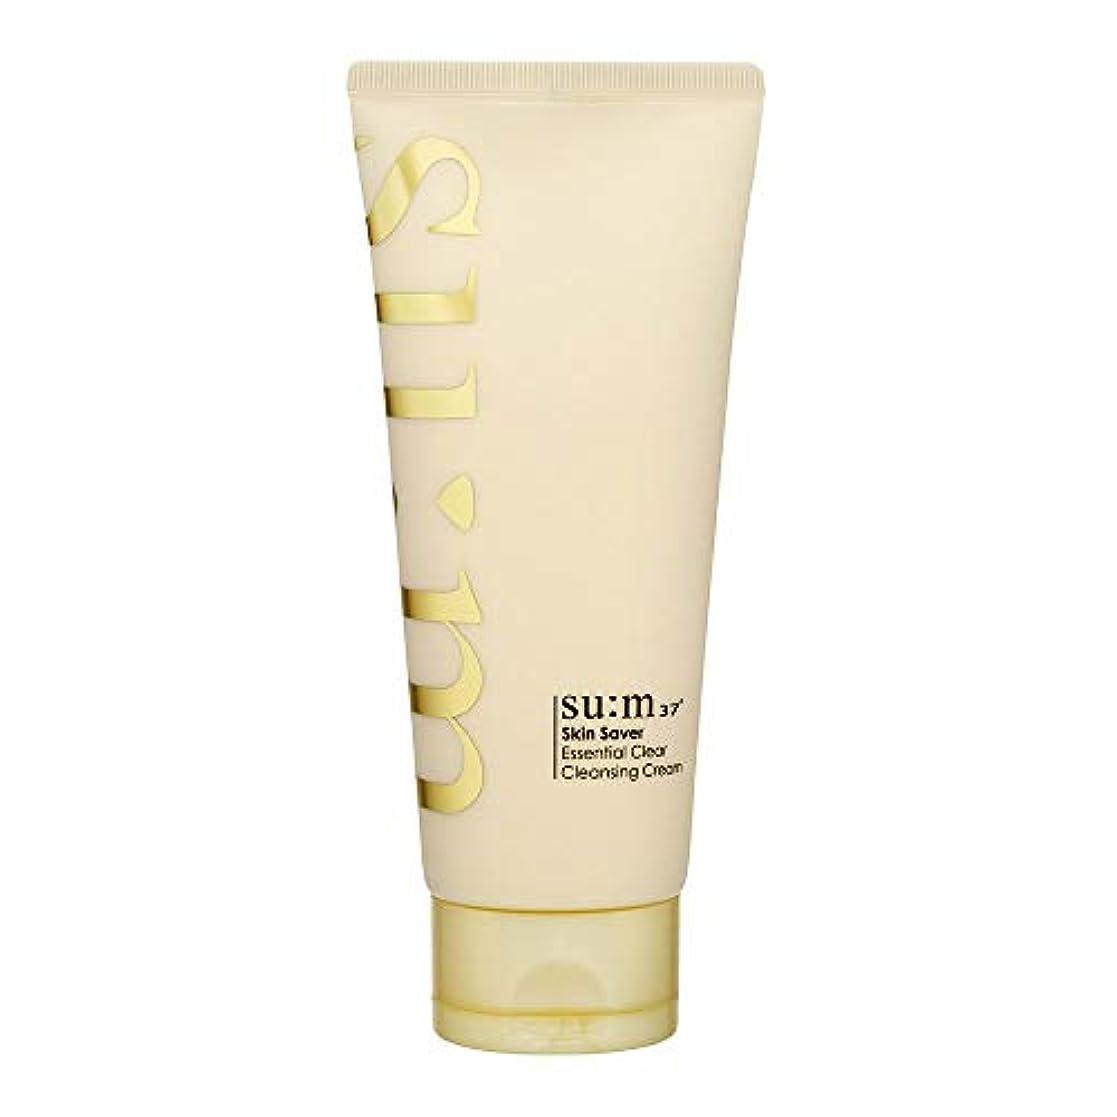 [スム37°] Sum37° スキンセイバー エッセンシャルクリアクレンジングクリーム  Skin saver Essential Clear Cleansing Cream (海外直送品) [並行輸入品]